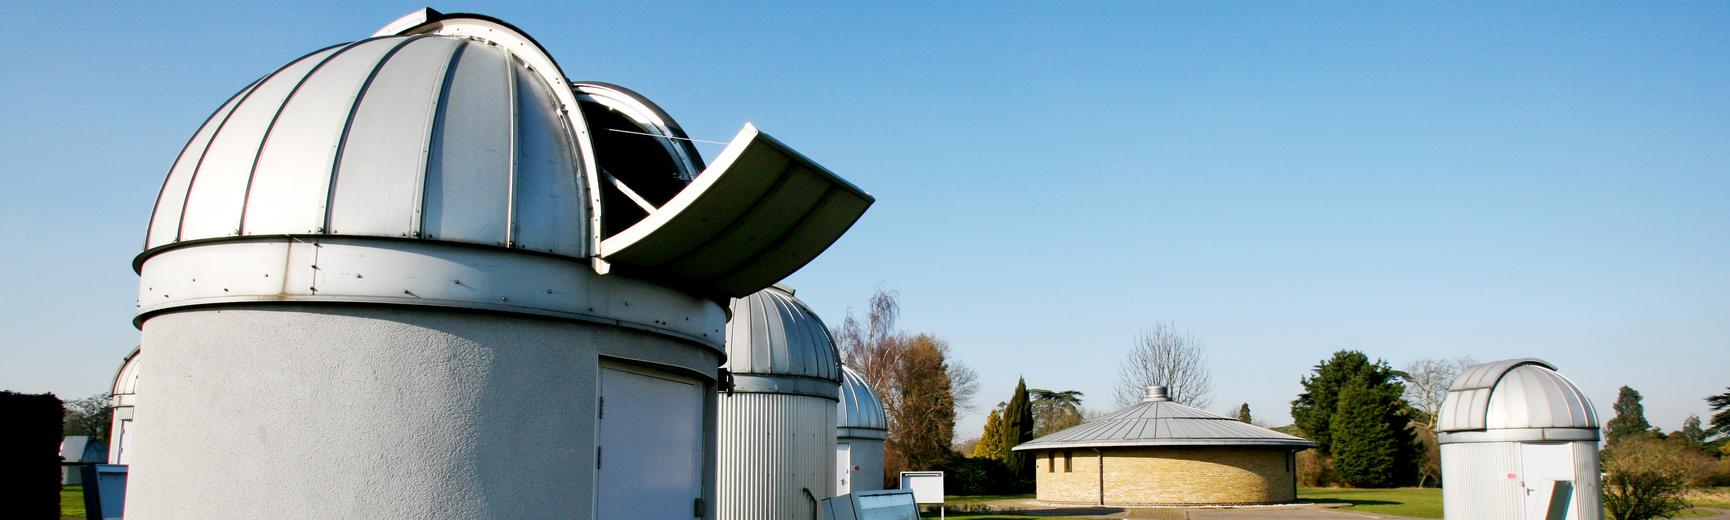 Telescope pods